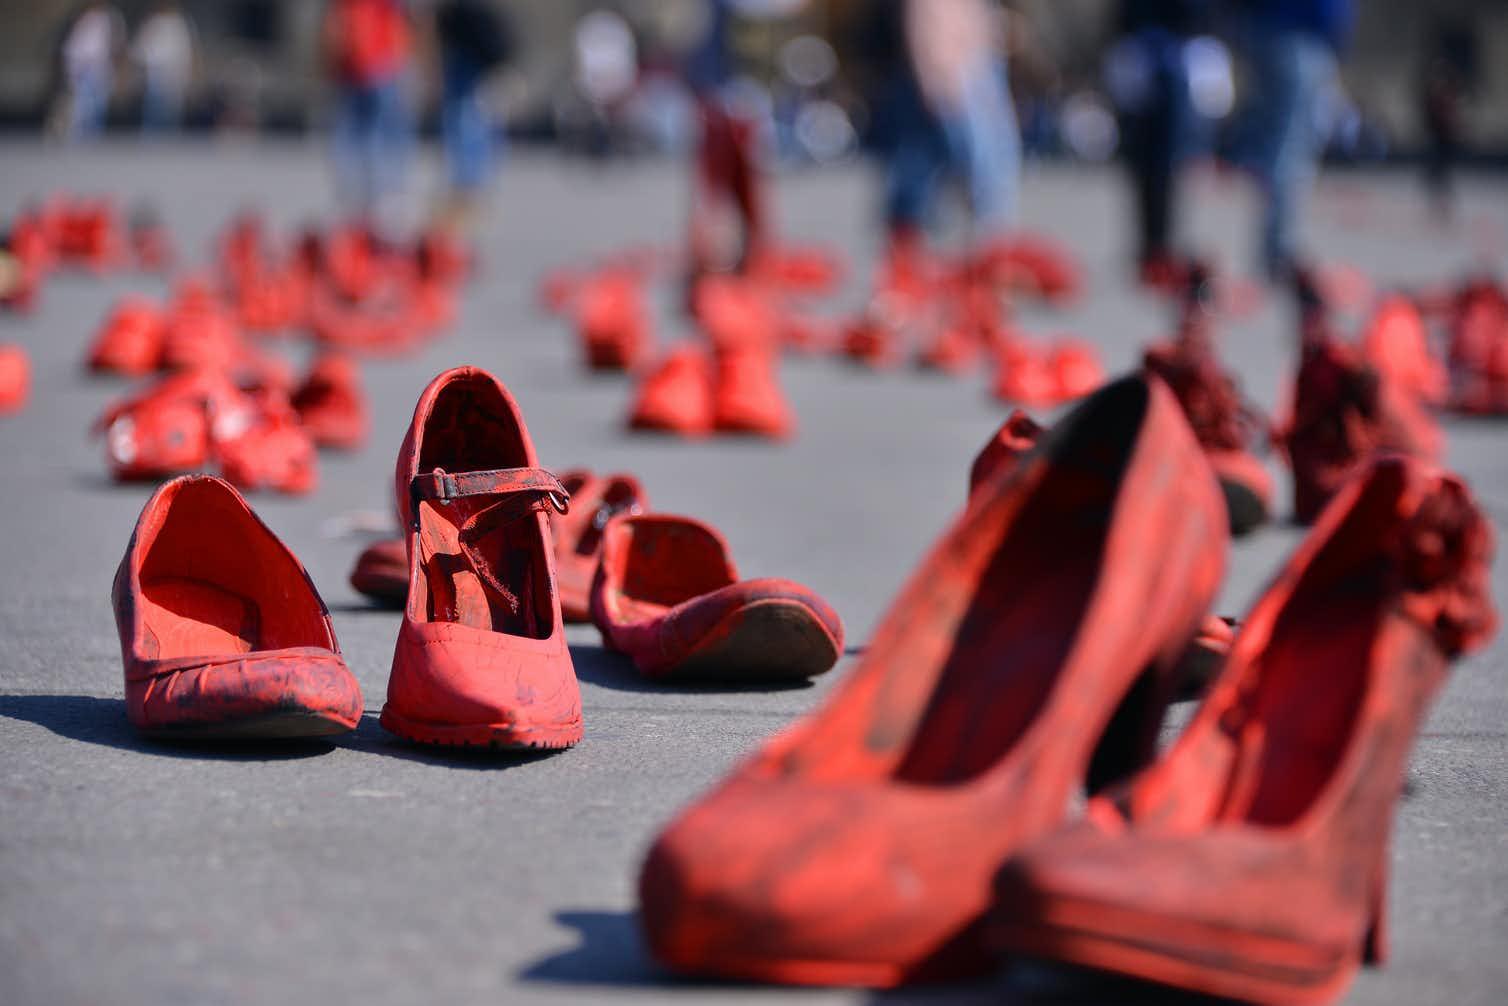 В январе художницы-феминистки заполнили главную площадь Мехико красными туфлями в память о пропавших без вести и убитых в стране женщинах. Фото — The Conversation.